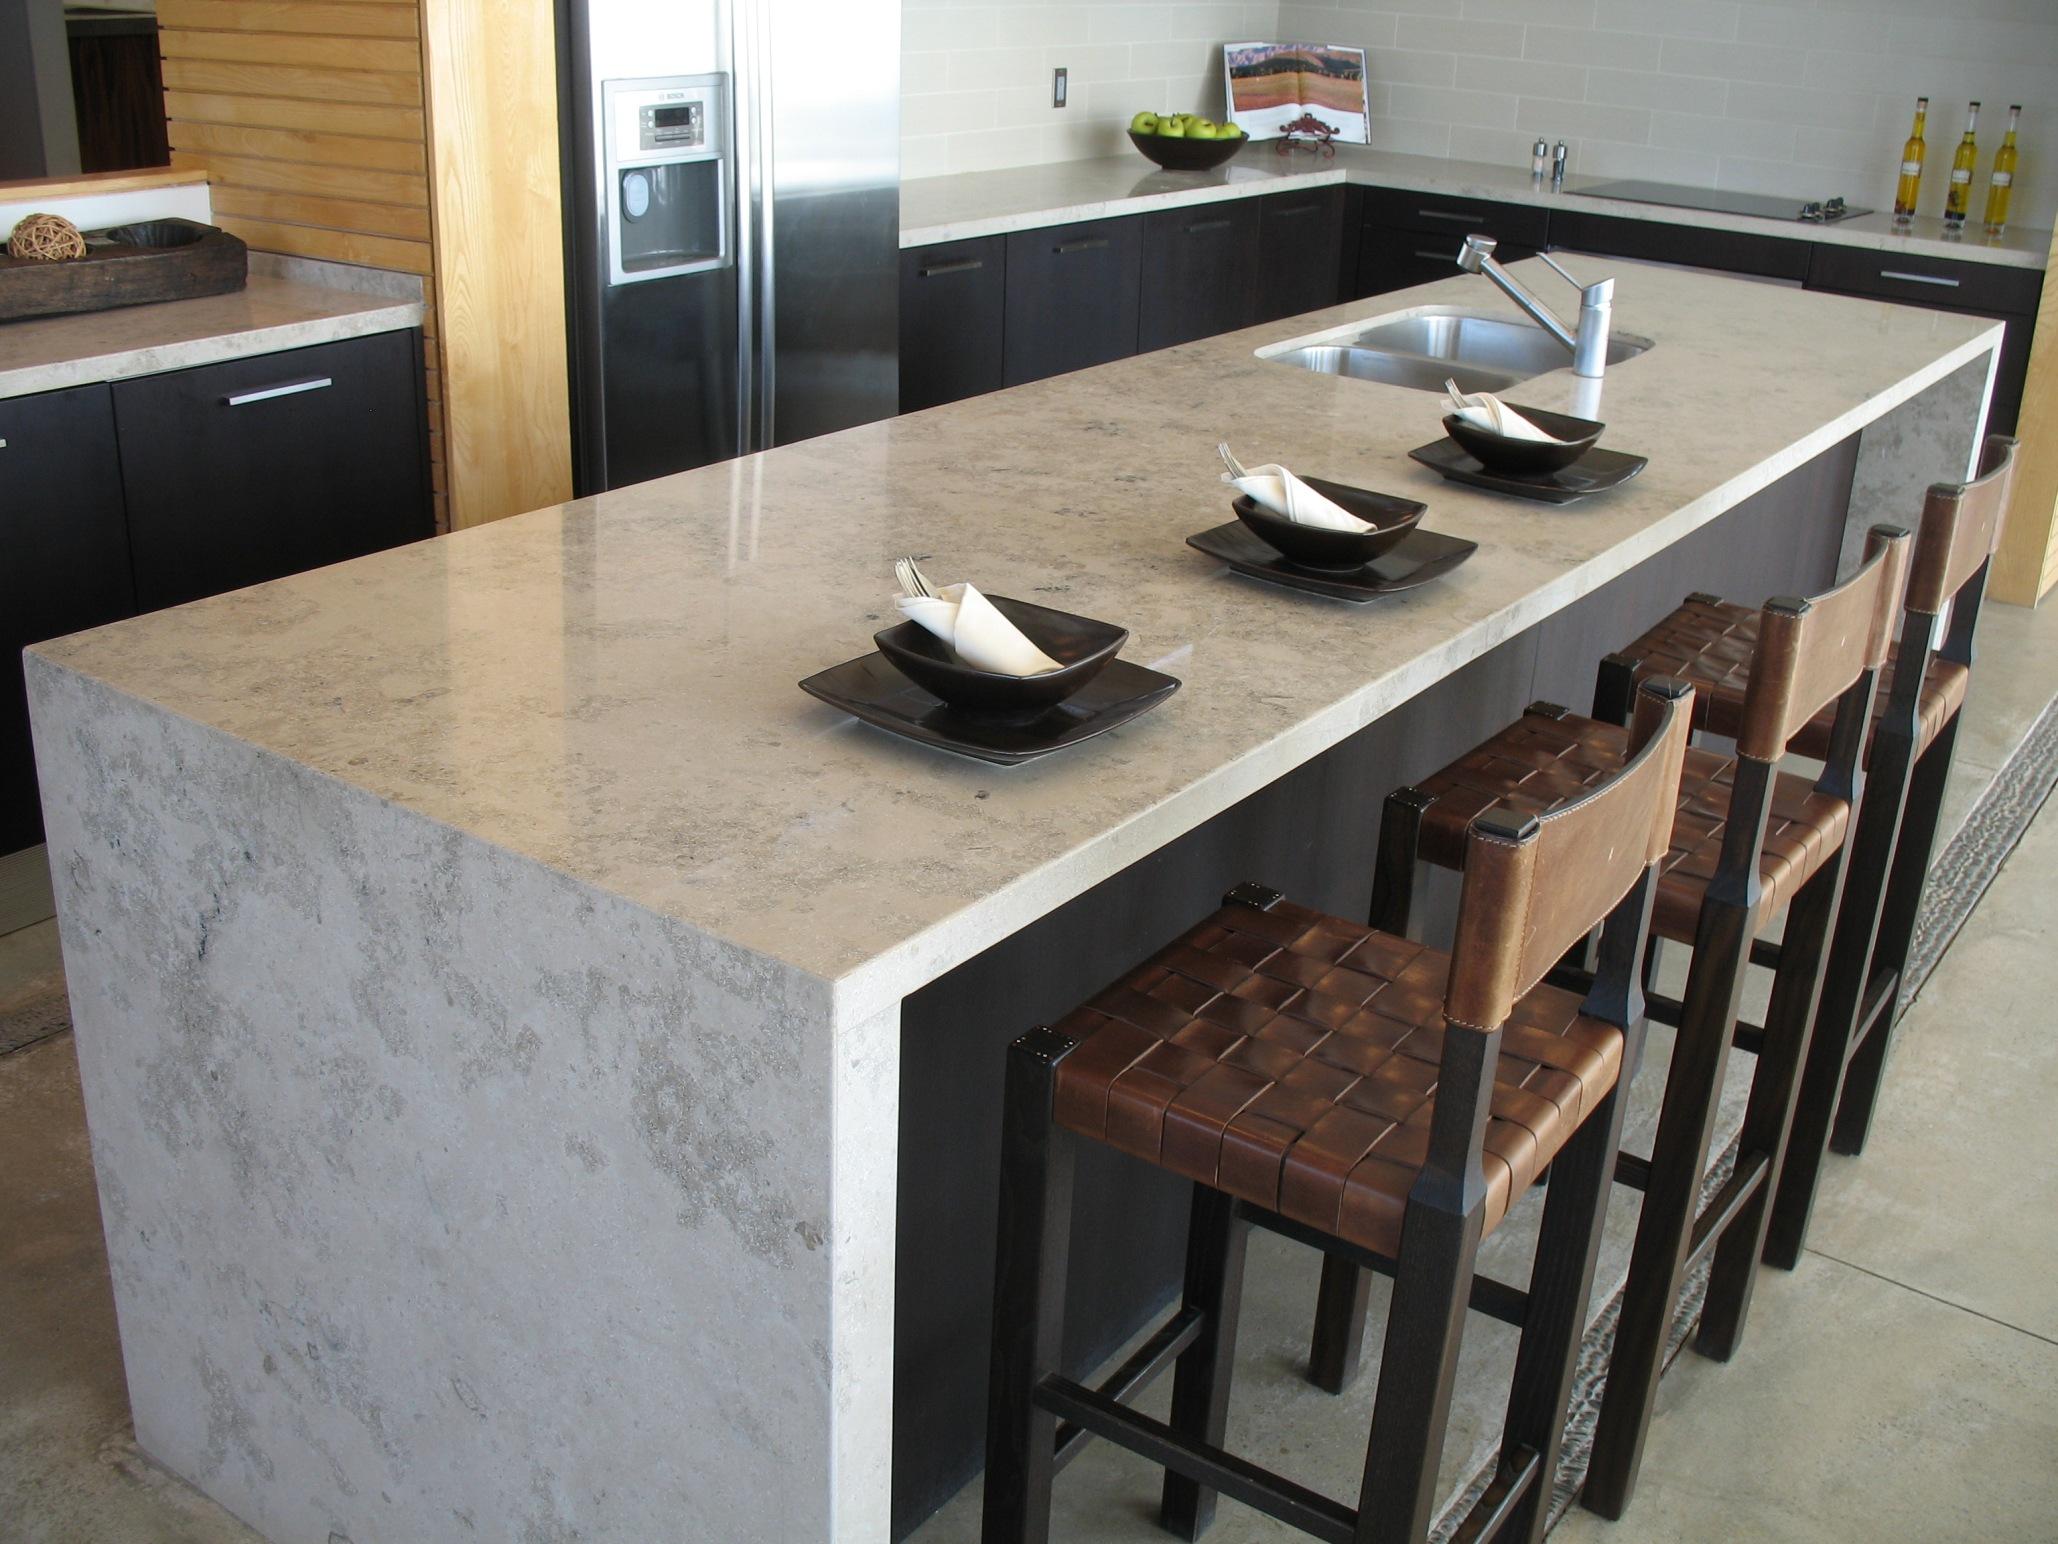 Gliottone marmi e graniti lavorazione pietra nobile - Top in marmo per cucine ...